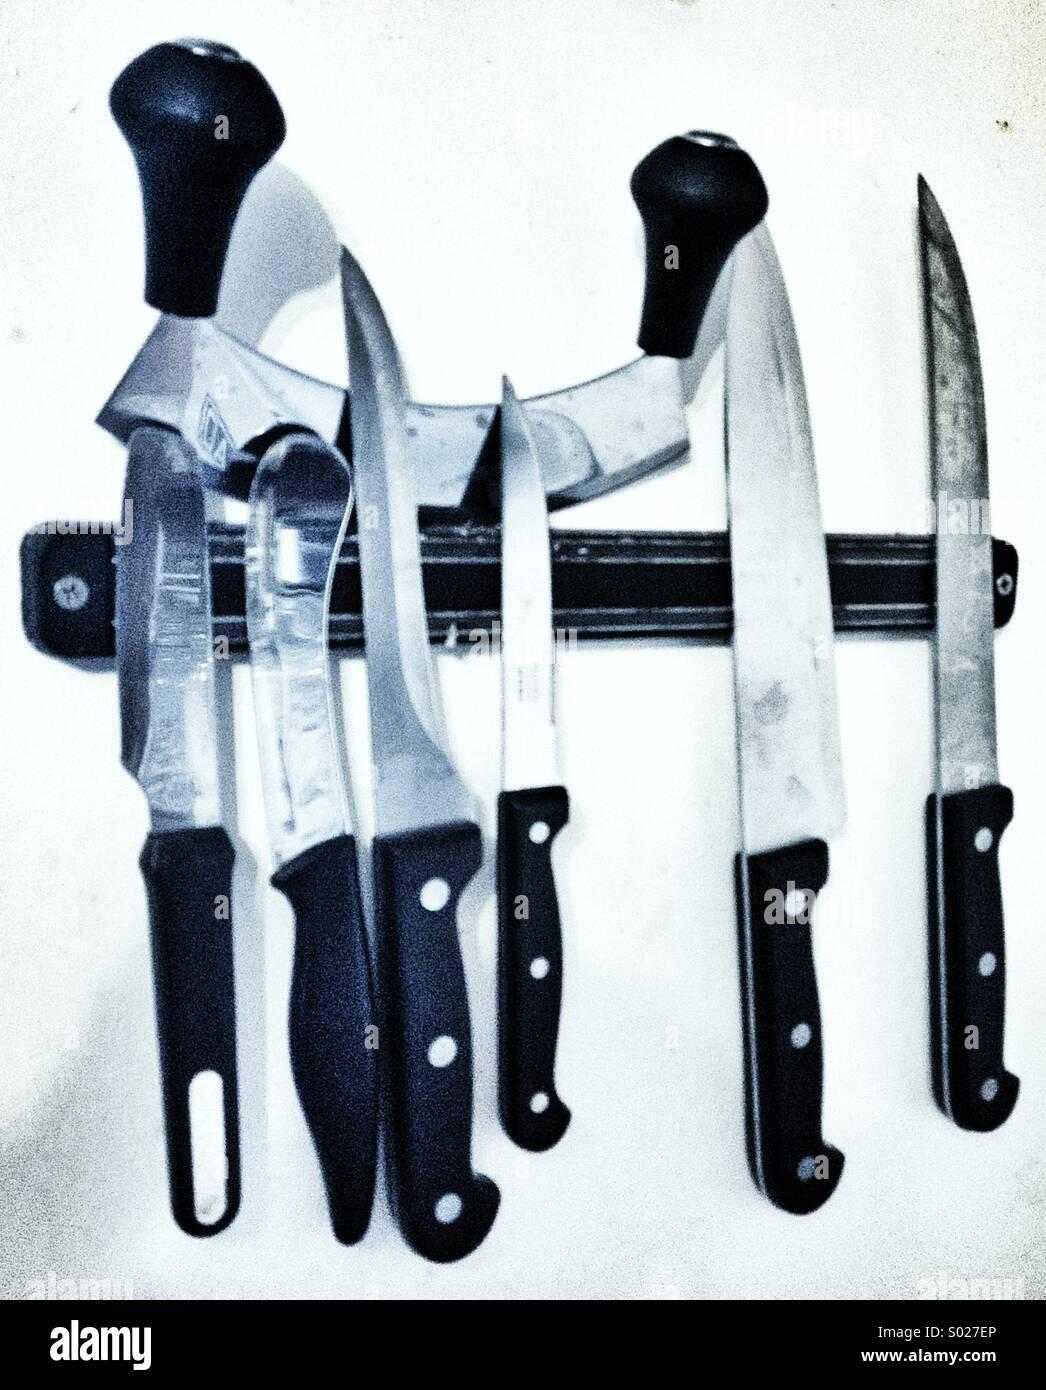 Couteaux de cuisine Photo Stock